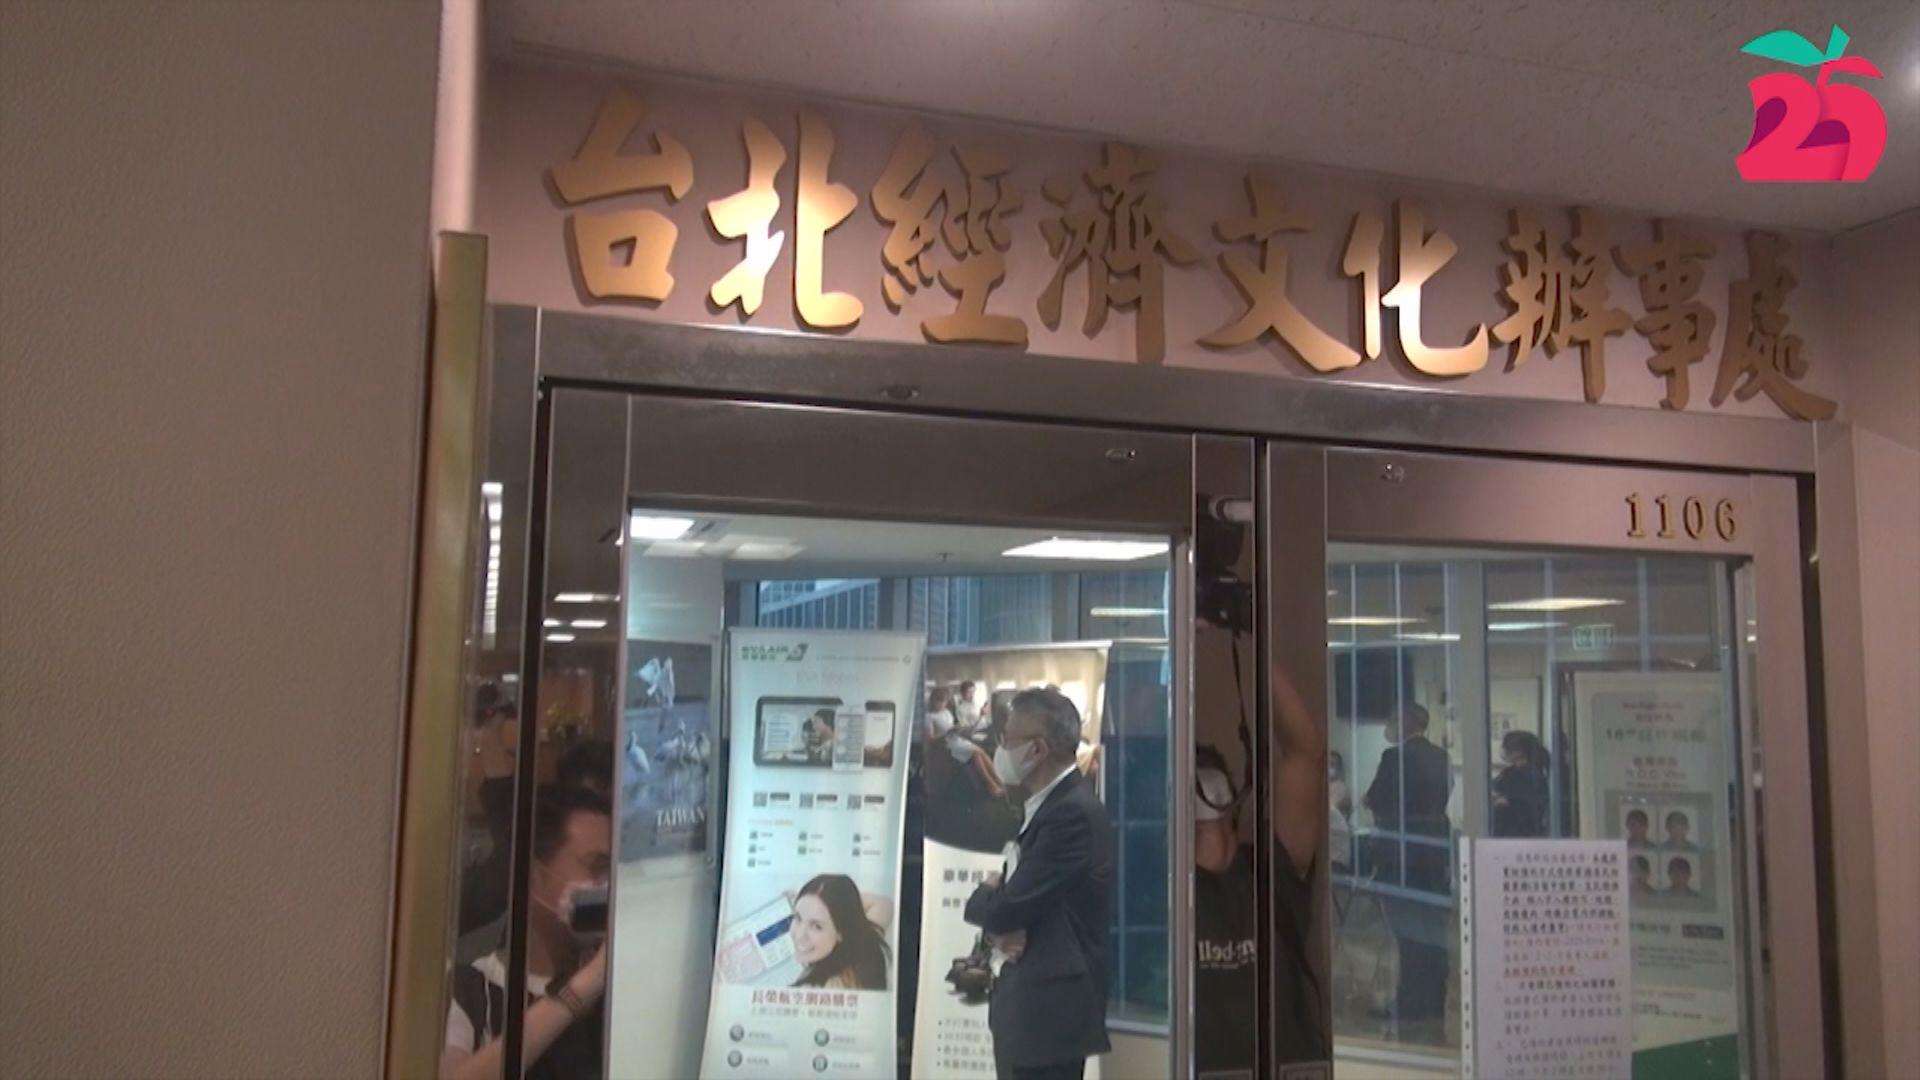 消息:台北經濟文化辦事處沒接收陳同佳入台申請書